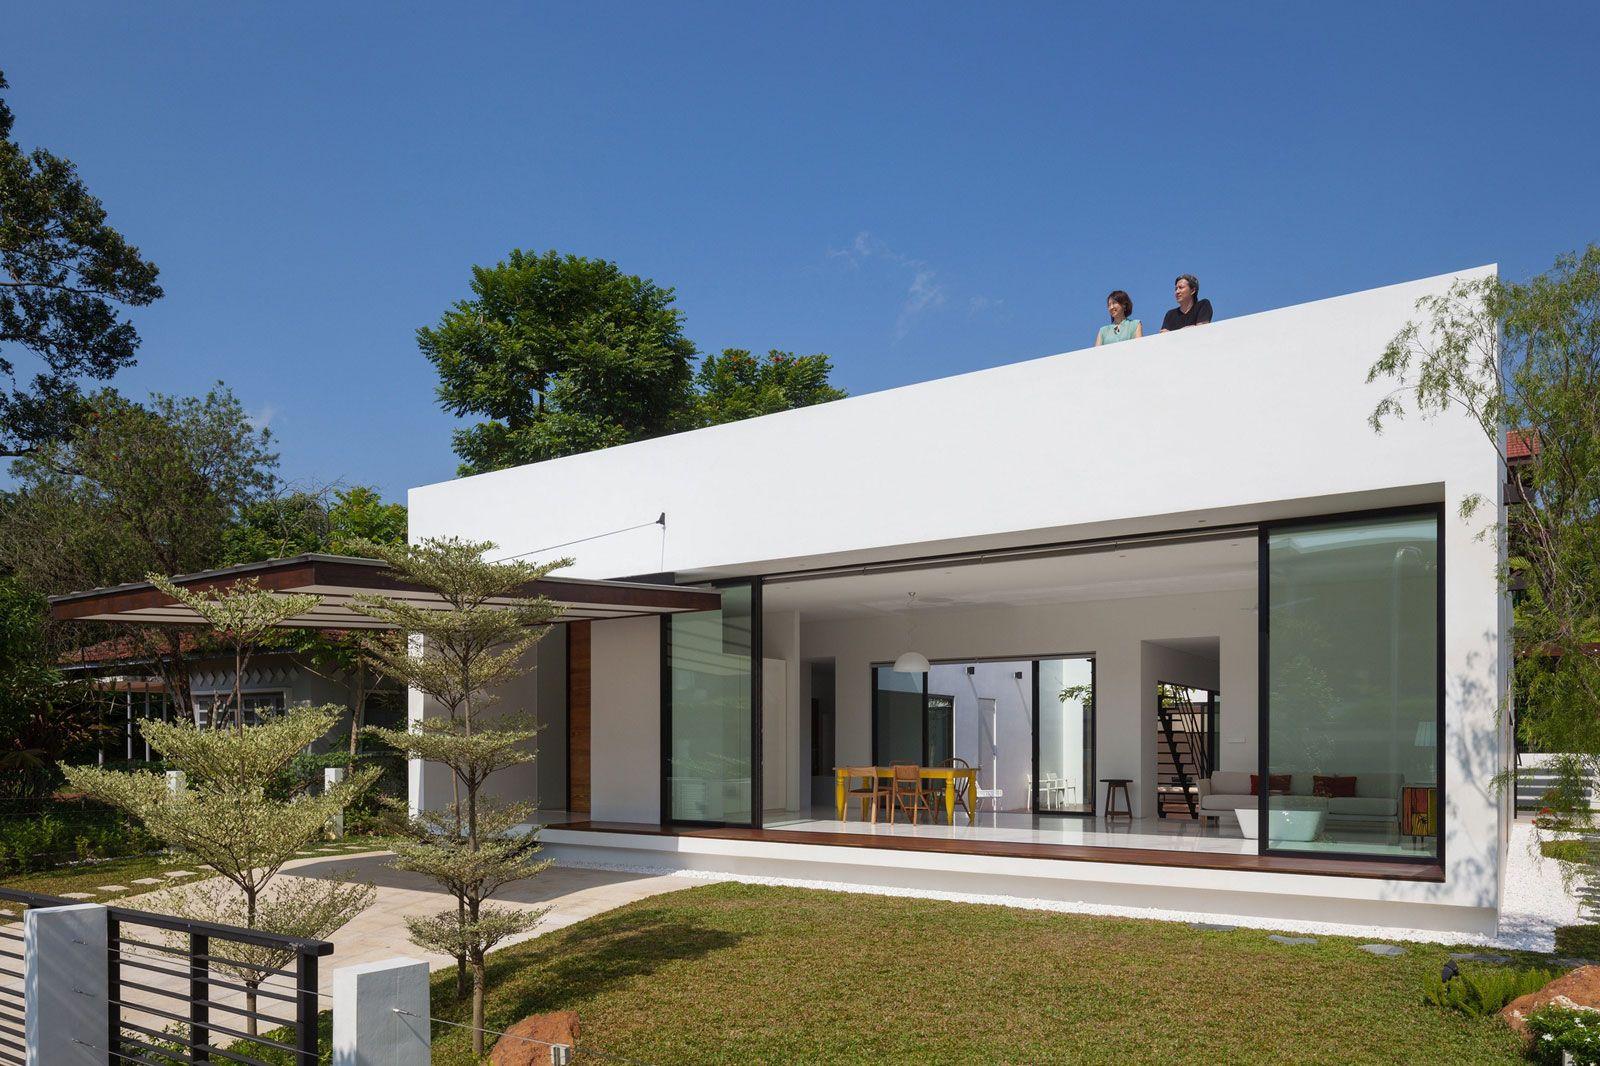 casa moderna 1 solo nivel - Buscar con Google | Home ideas ...